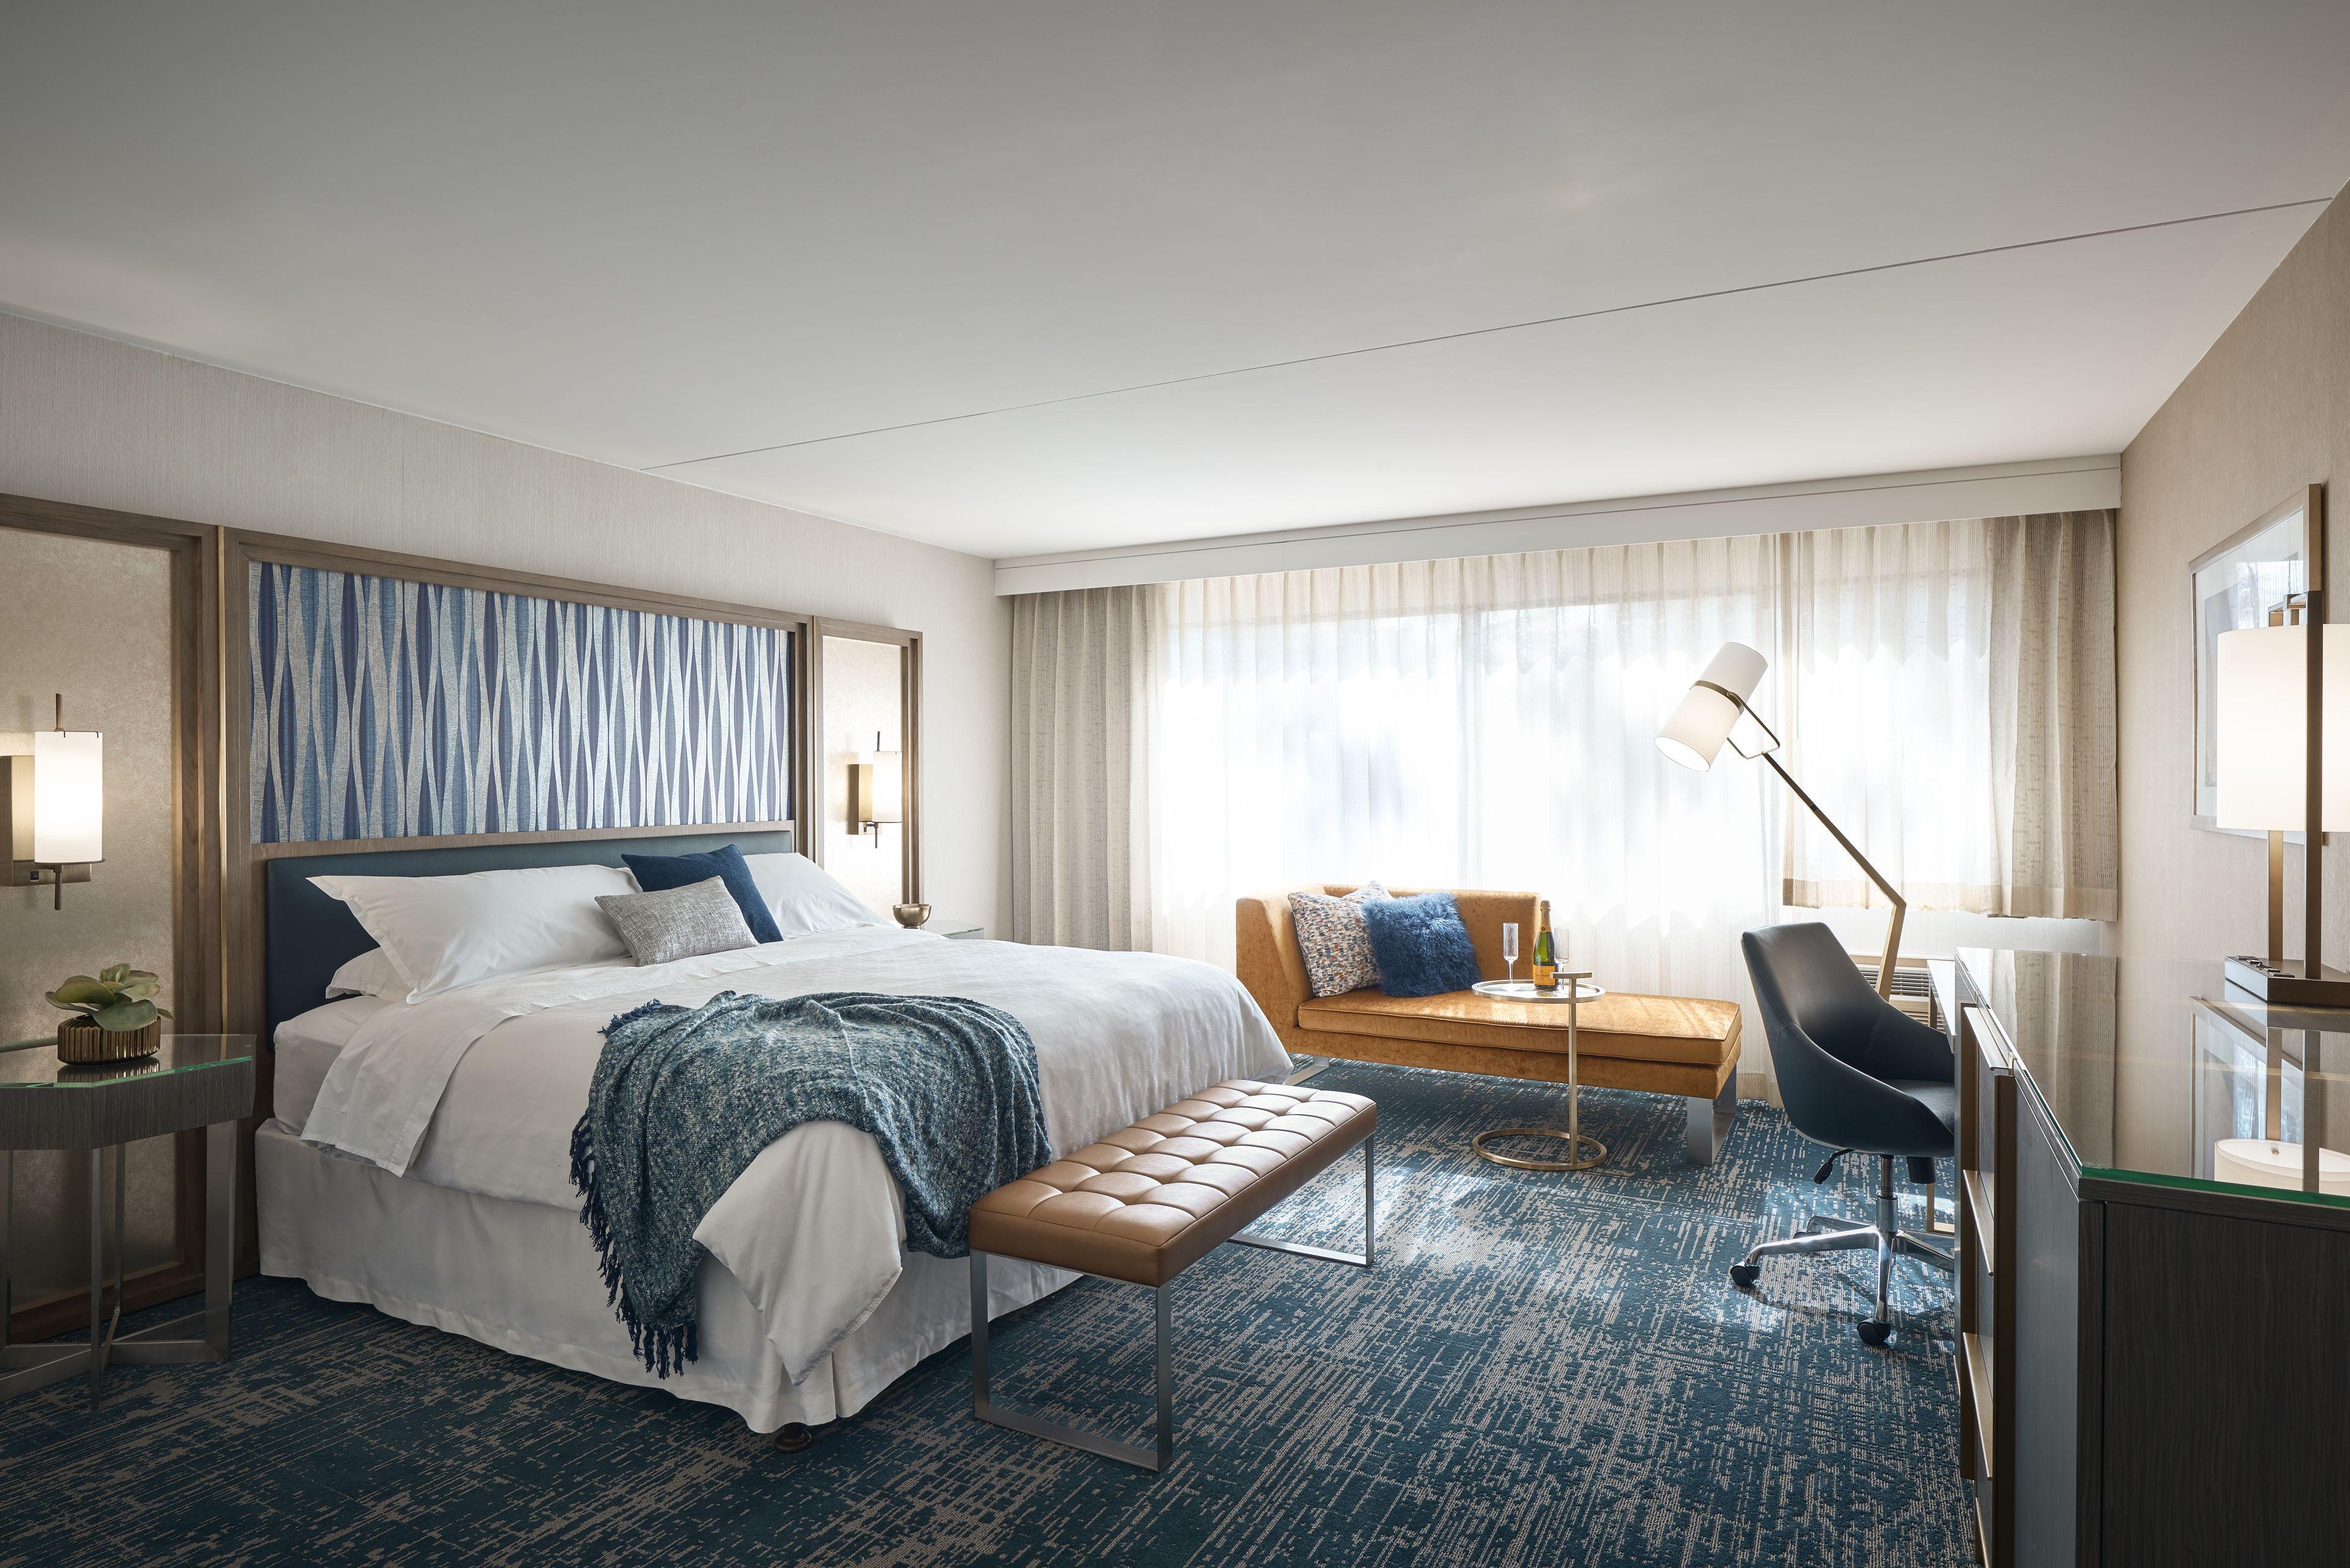 Courtesy of Sheraton Pasadena Hotel / Expedia.com